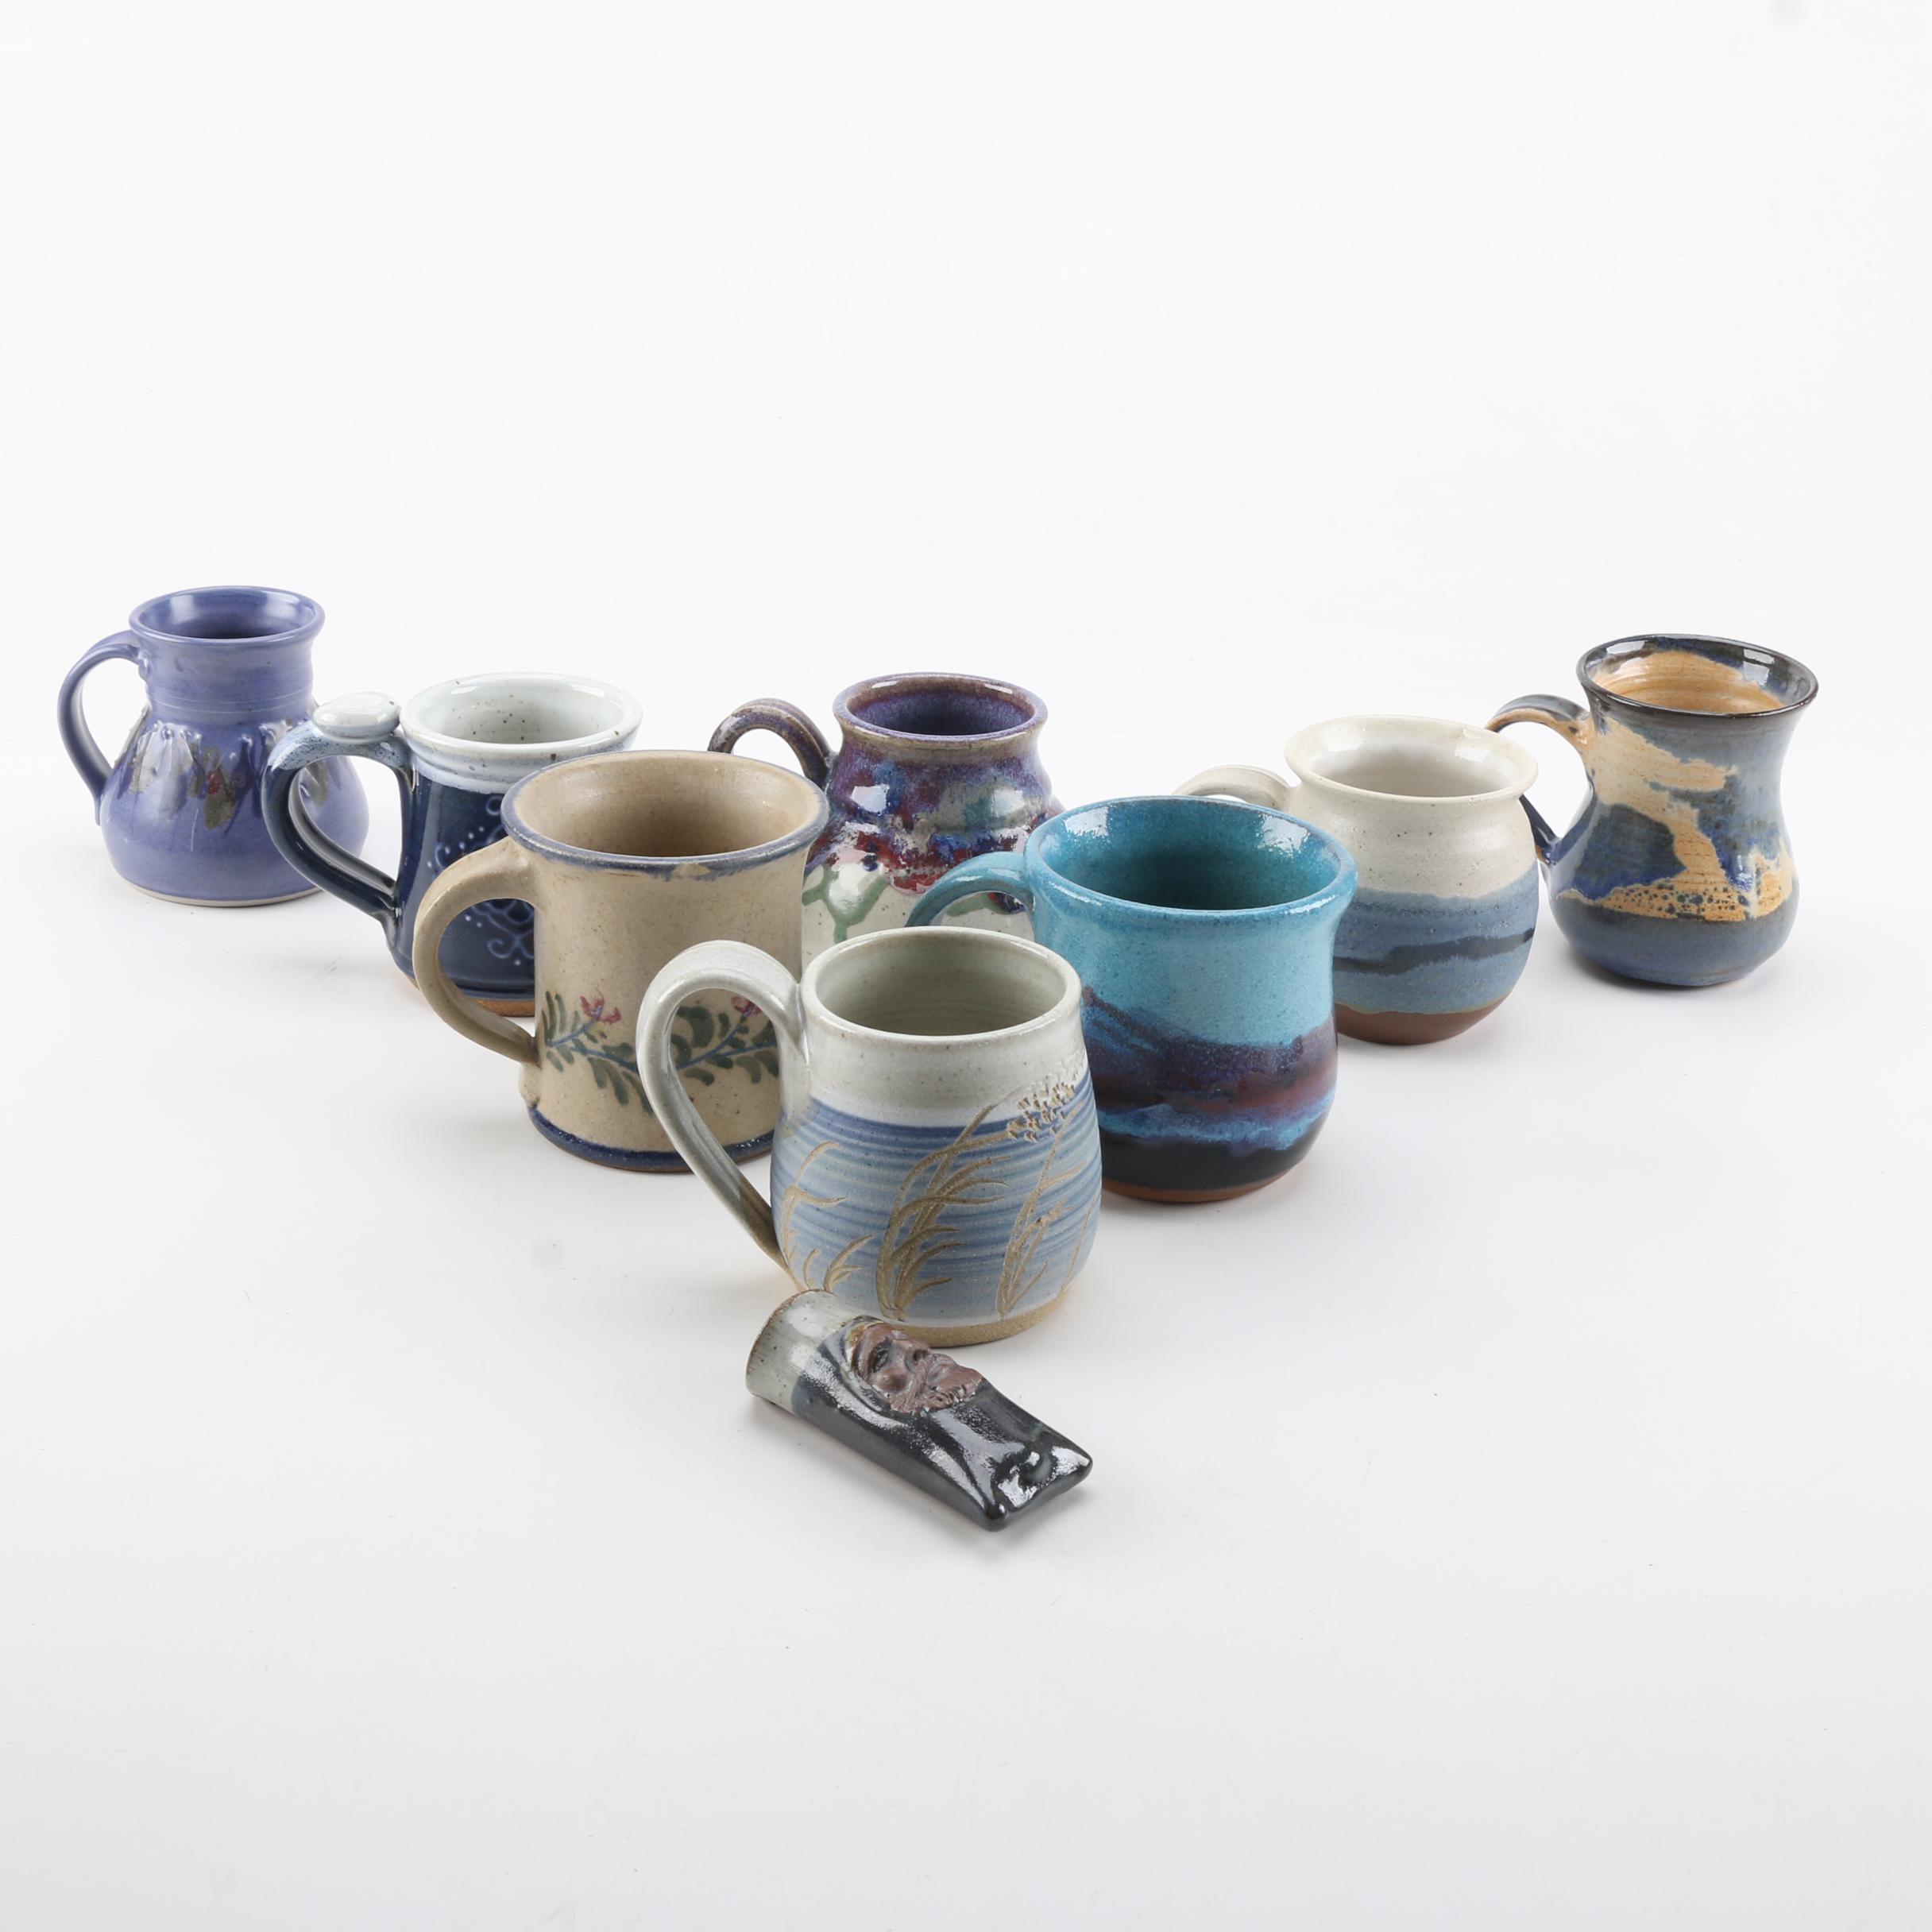 Studio Pottery Mugs and Wall Pocket